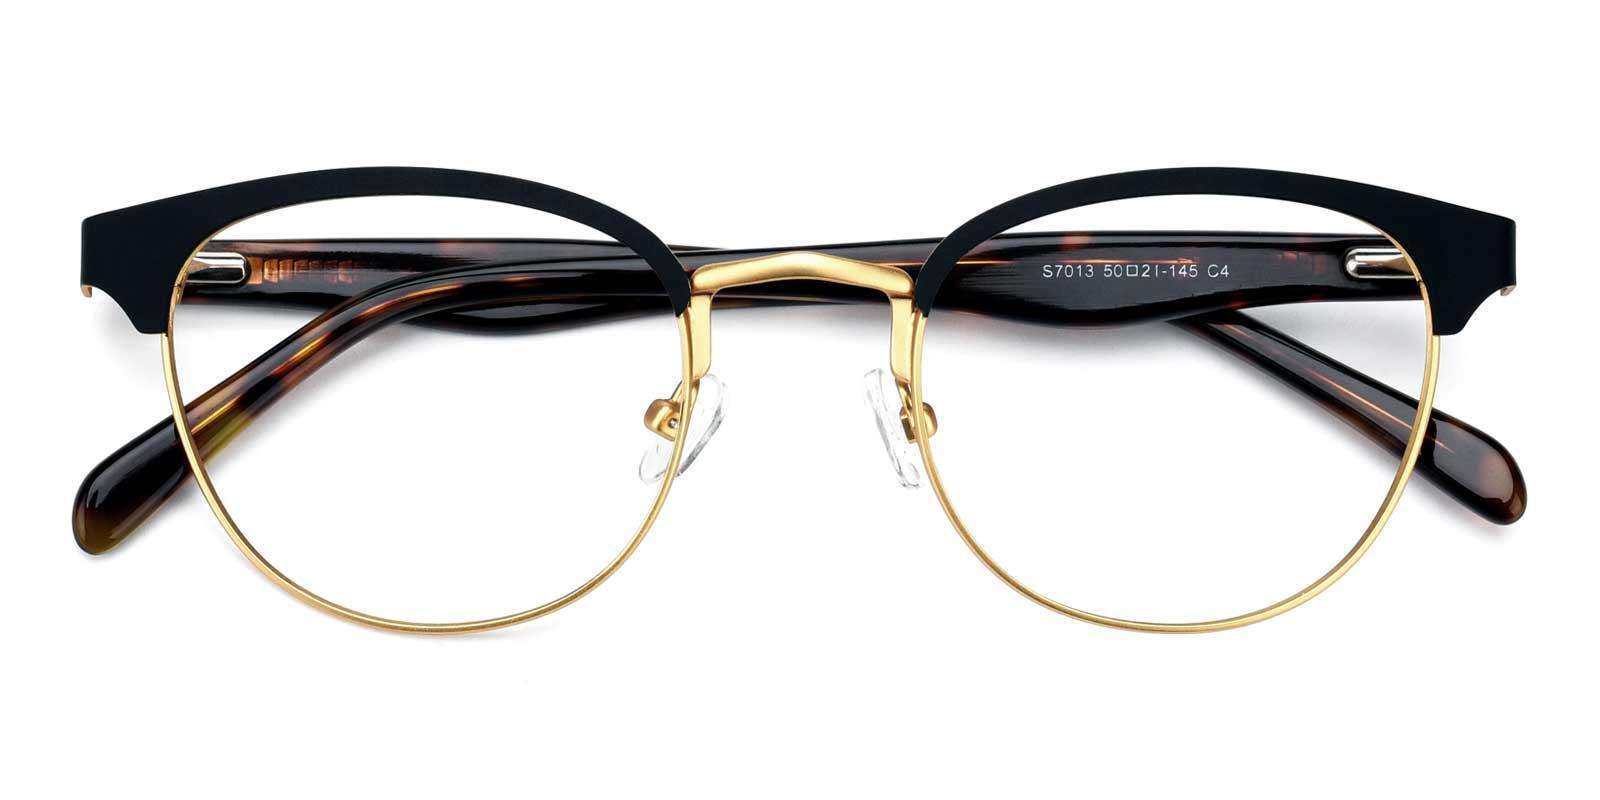 Noble-Gold-Browline-Metal-Eyeglasses-detail